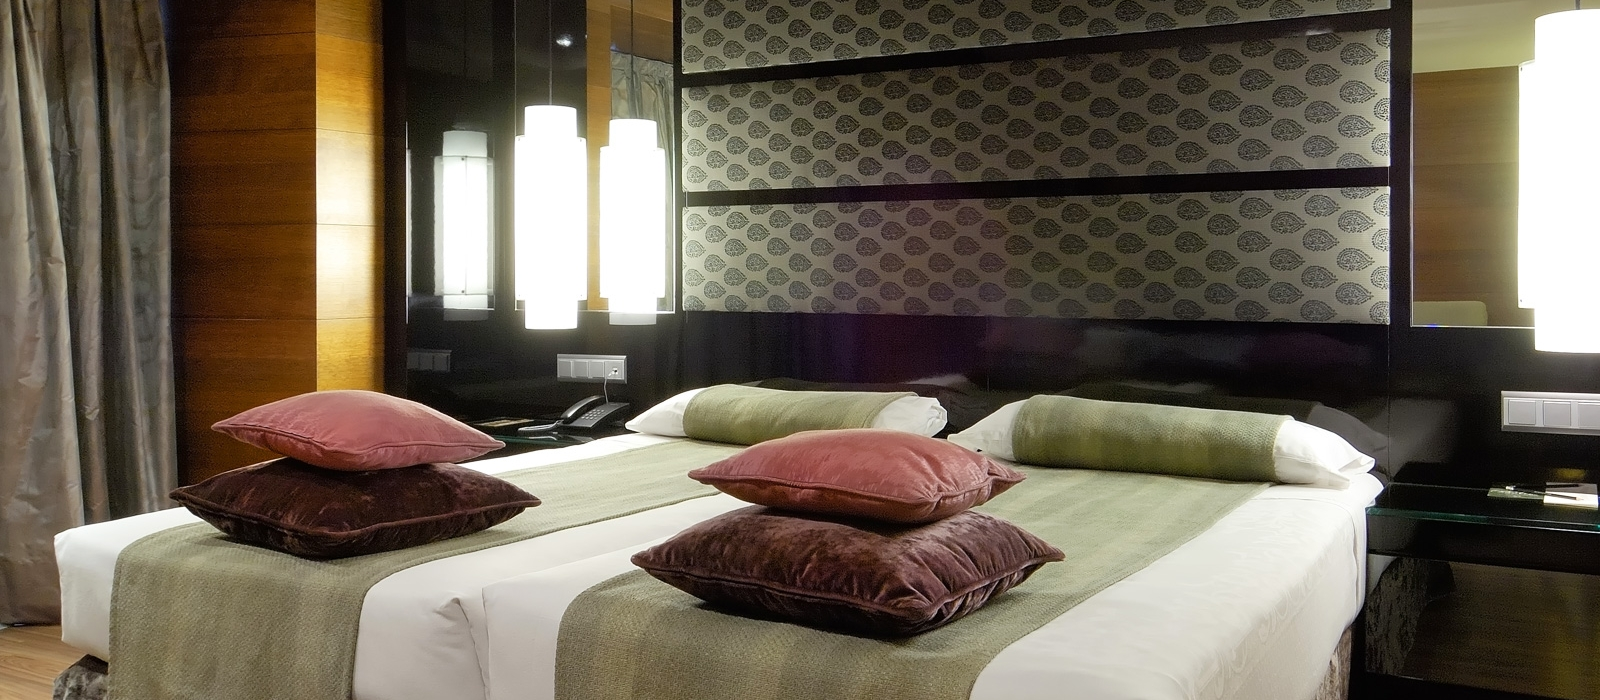 Habitaciones Hotel Madrid Soho - Vincci Hoteles - Habitación Suite